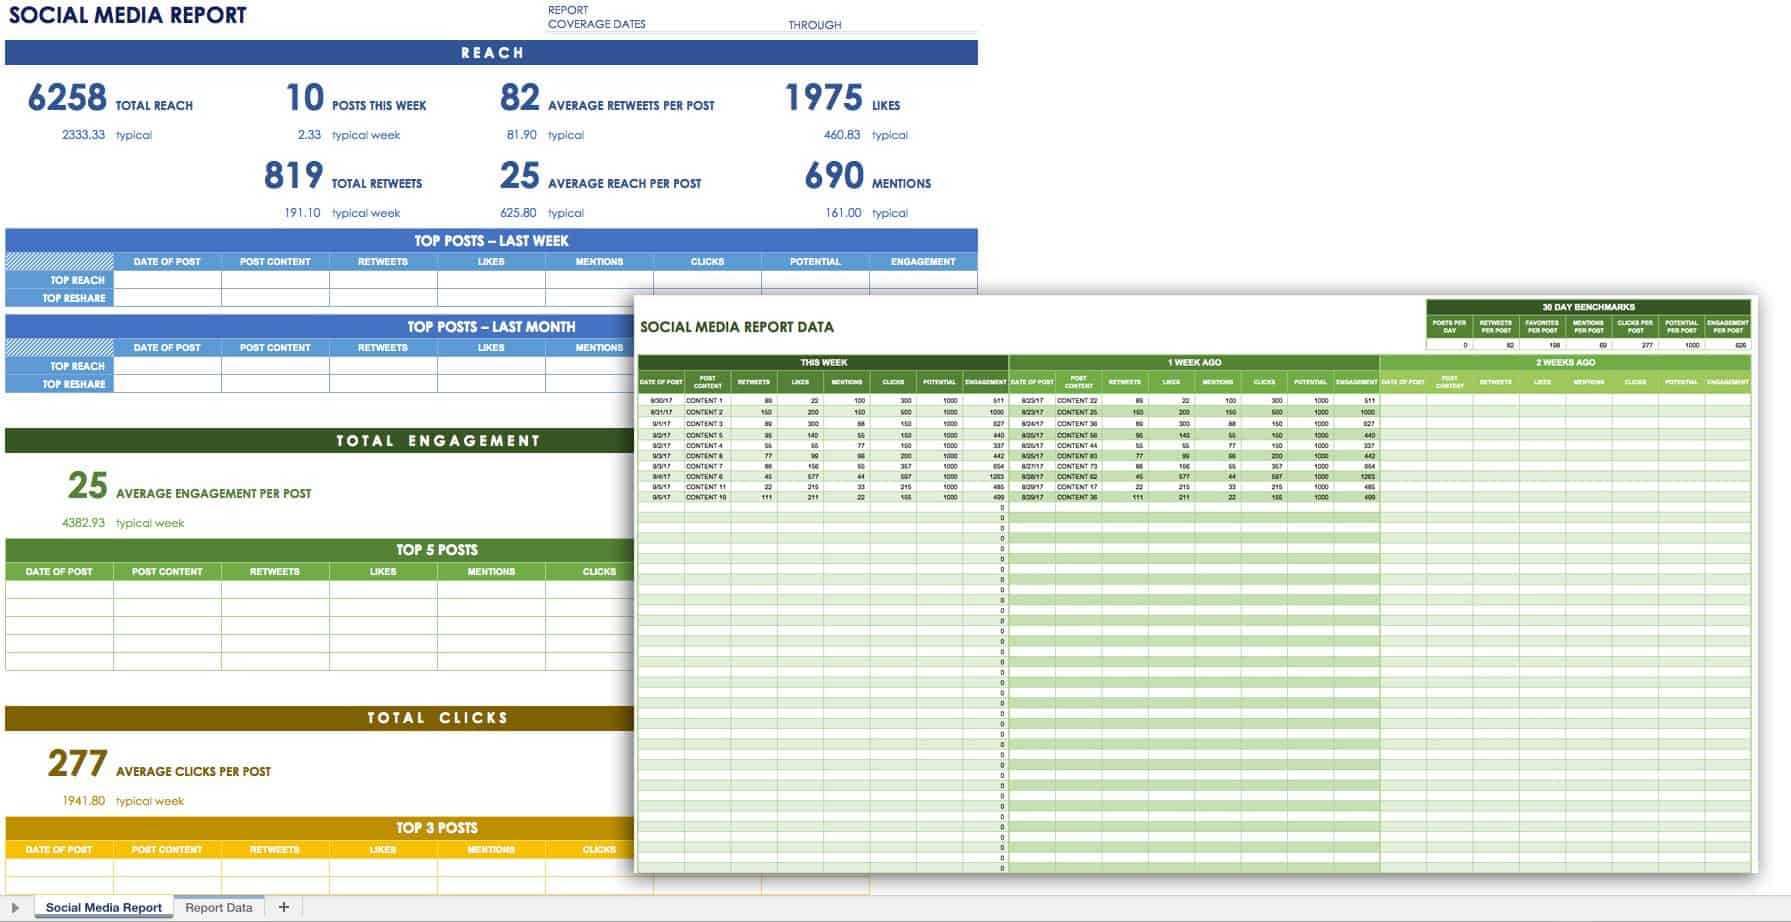 Social Media Report Template - Dalep.midnightpig.co For Social Media Weekly Report Template